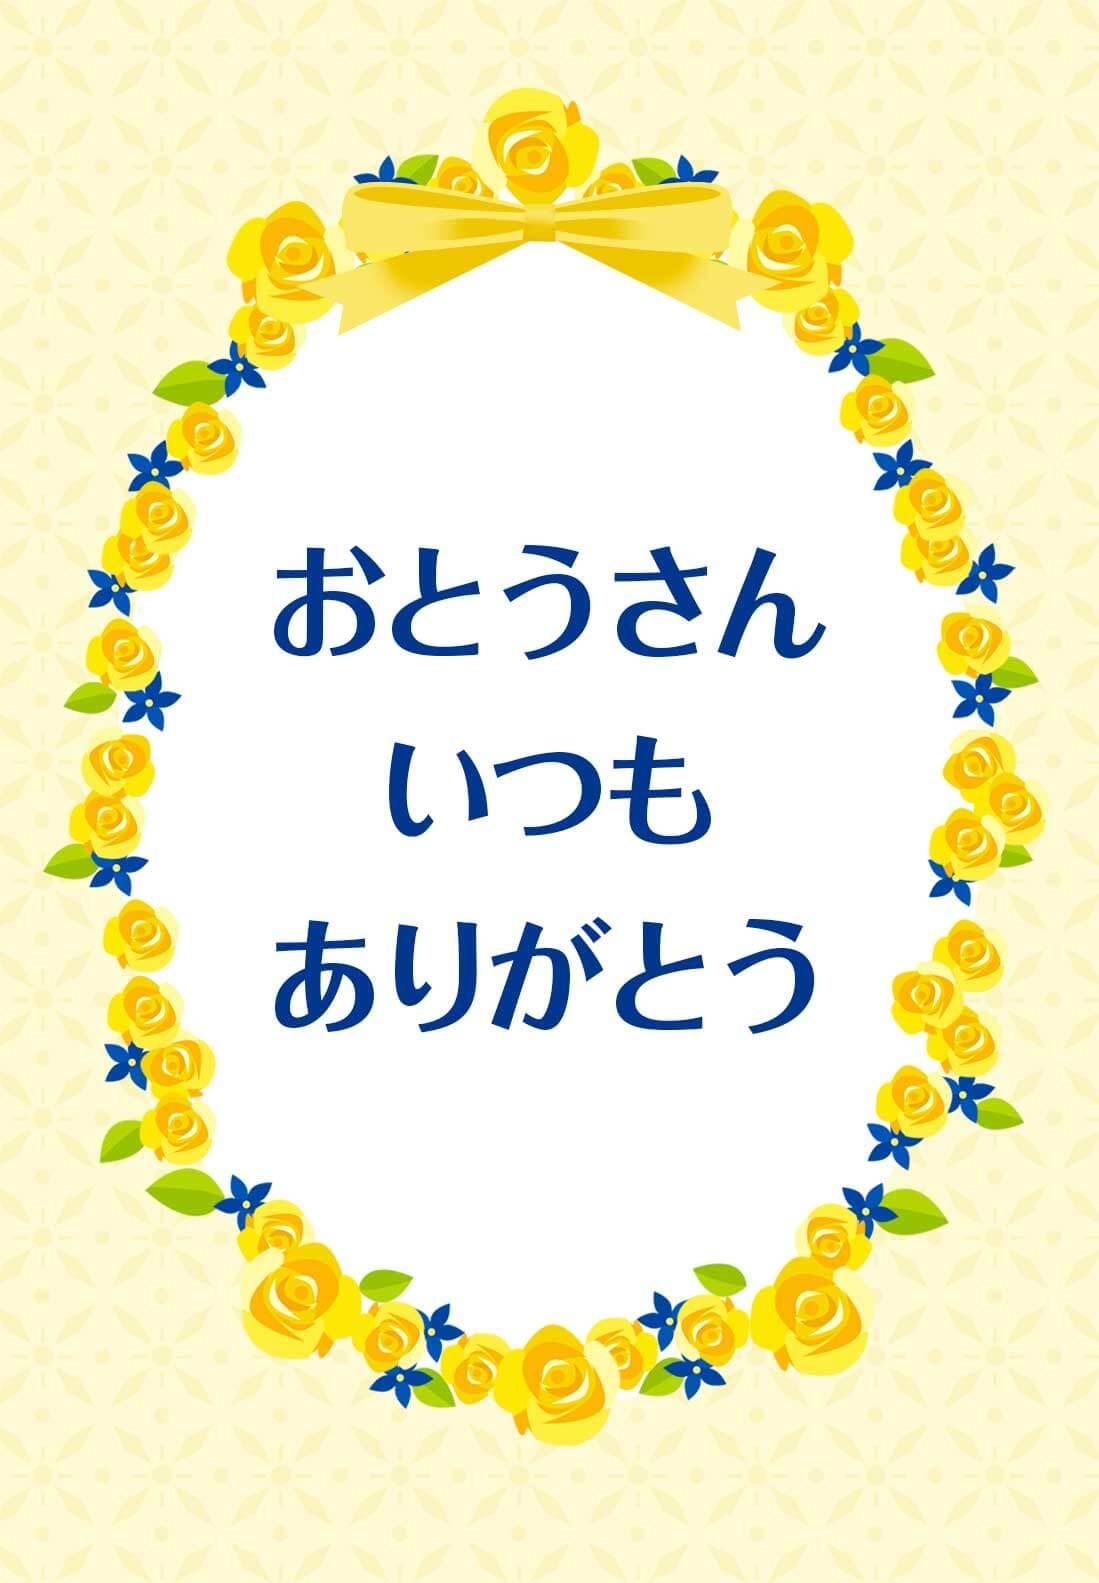 父の日②画像(たて)